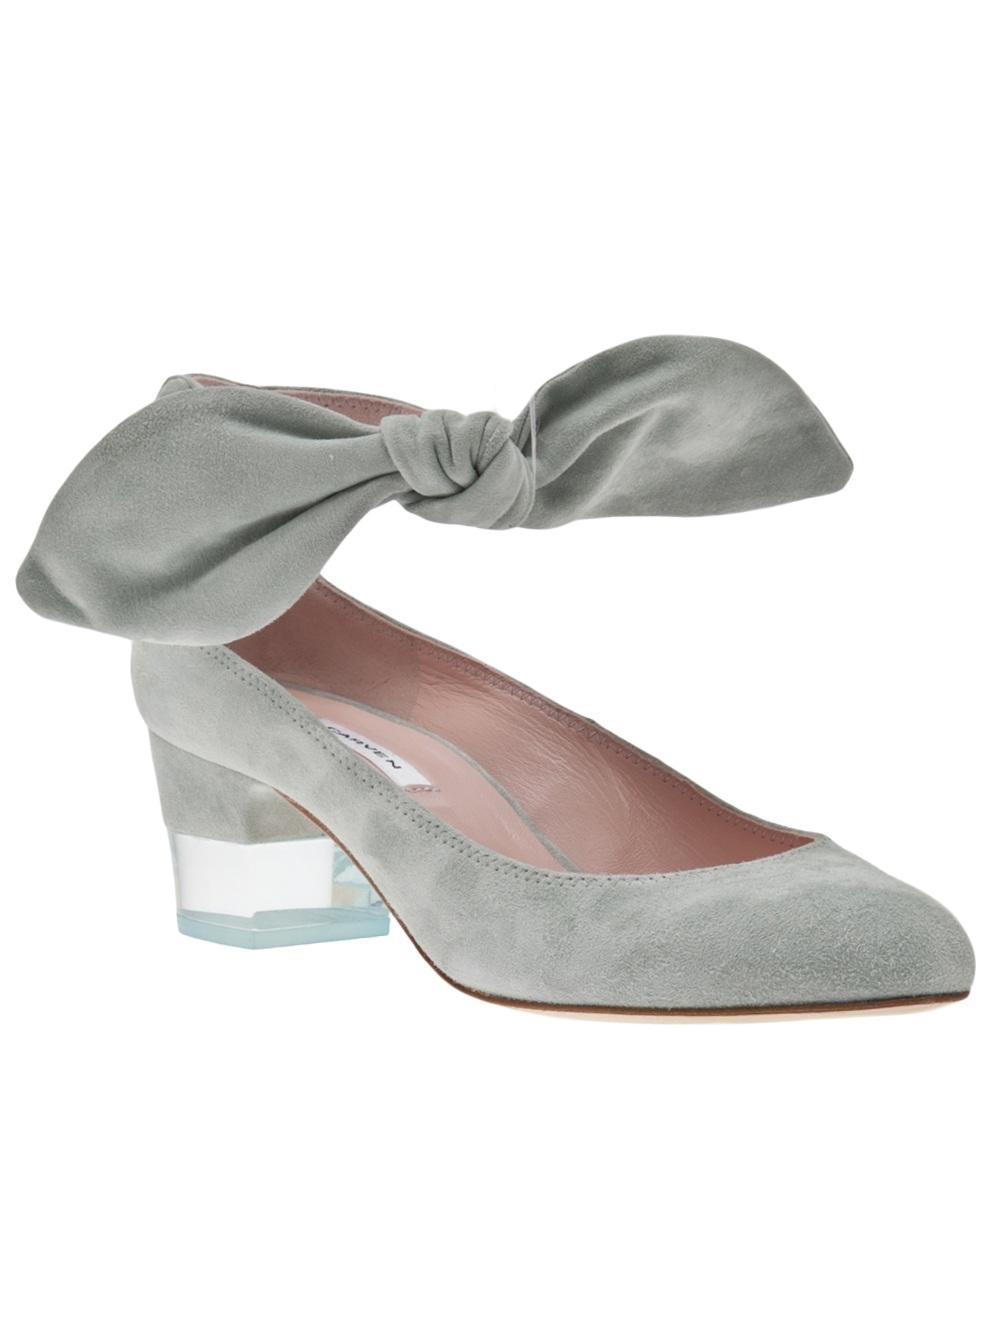 3db3fe361e7 Lyst - Carven Low Heel Shoe in Gray